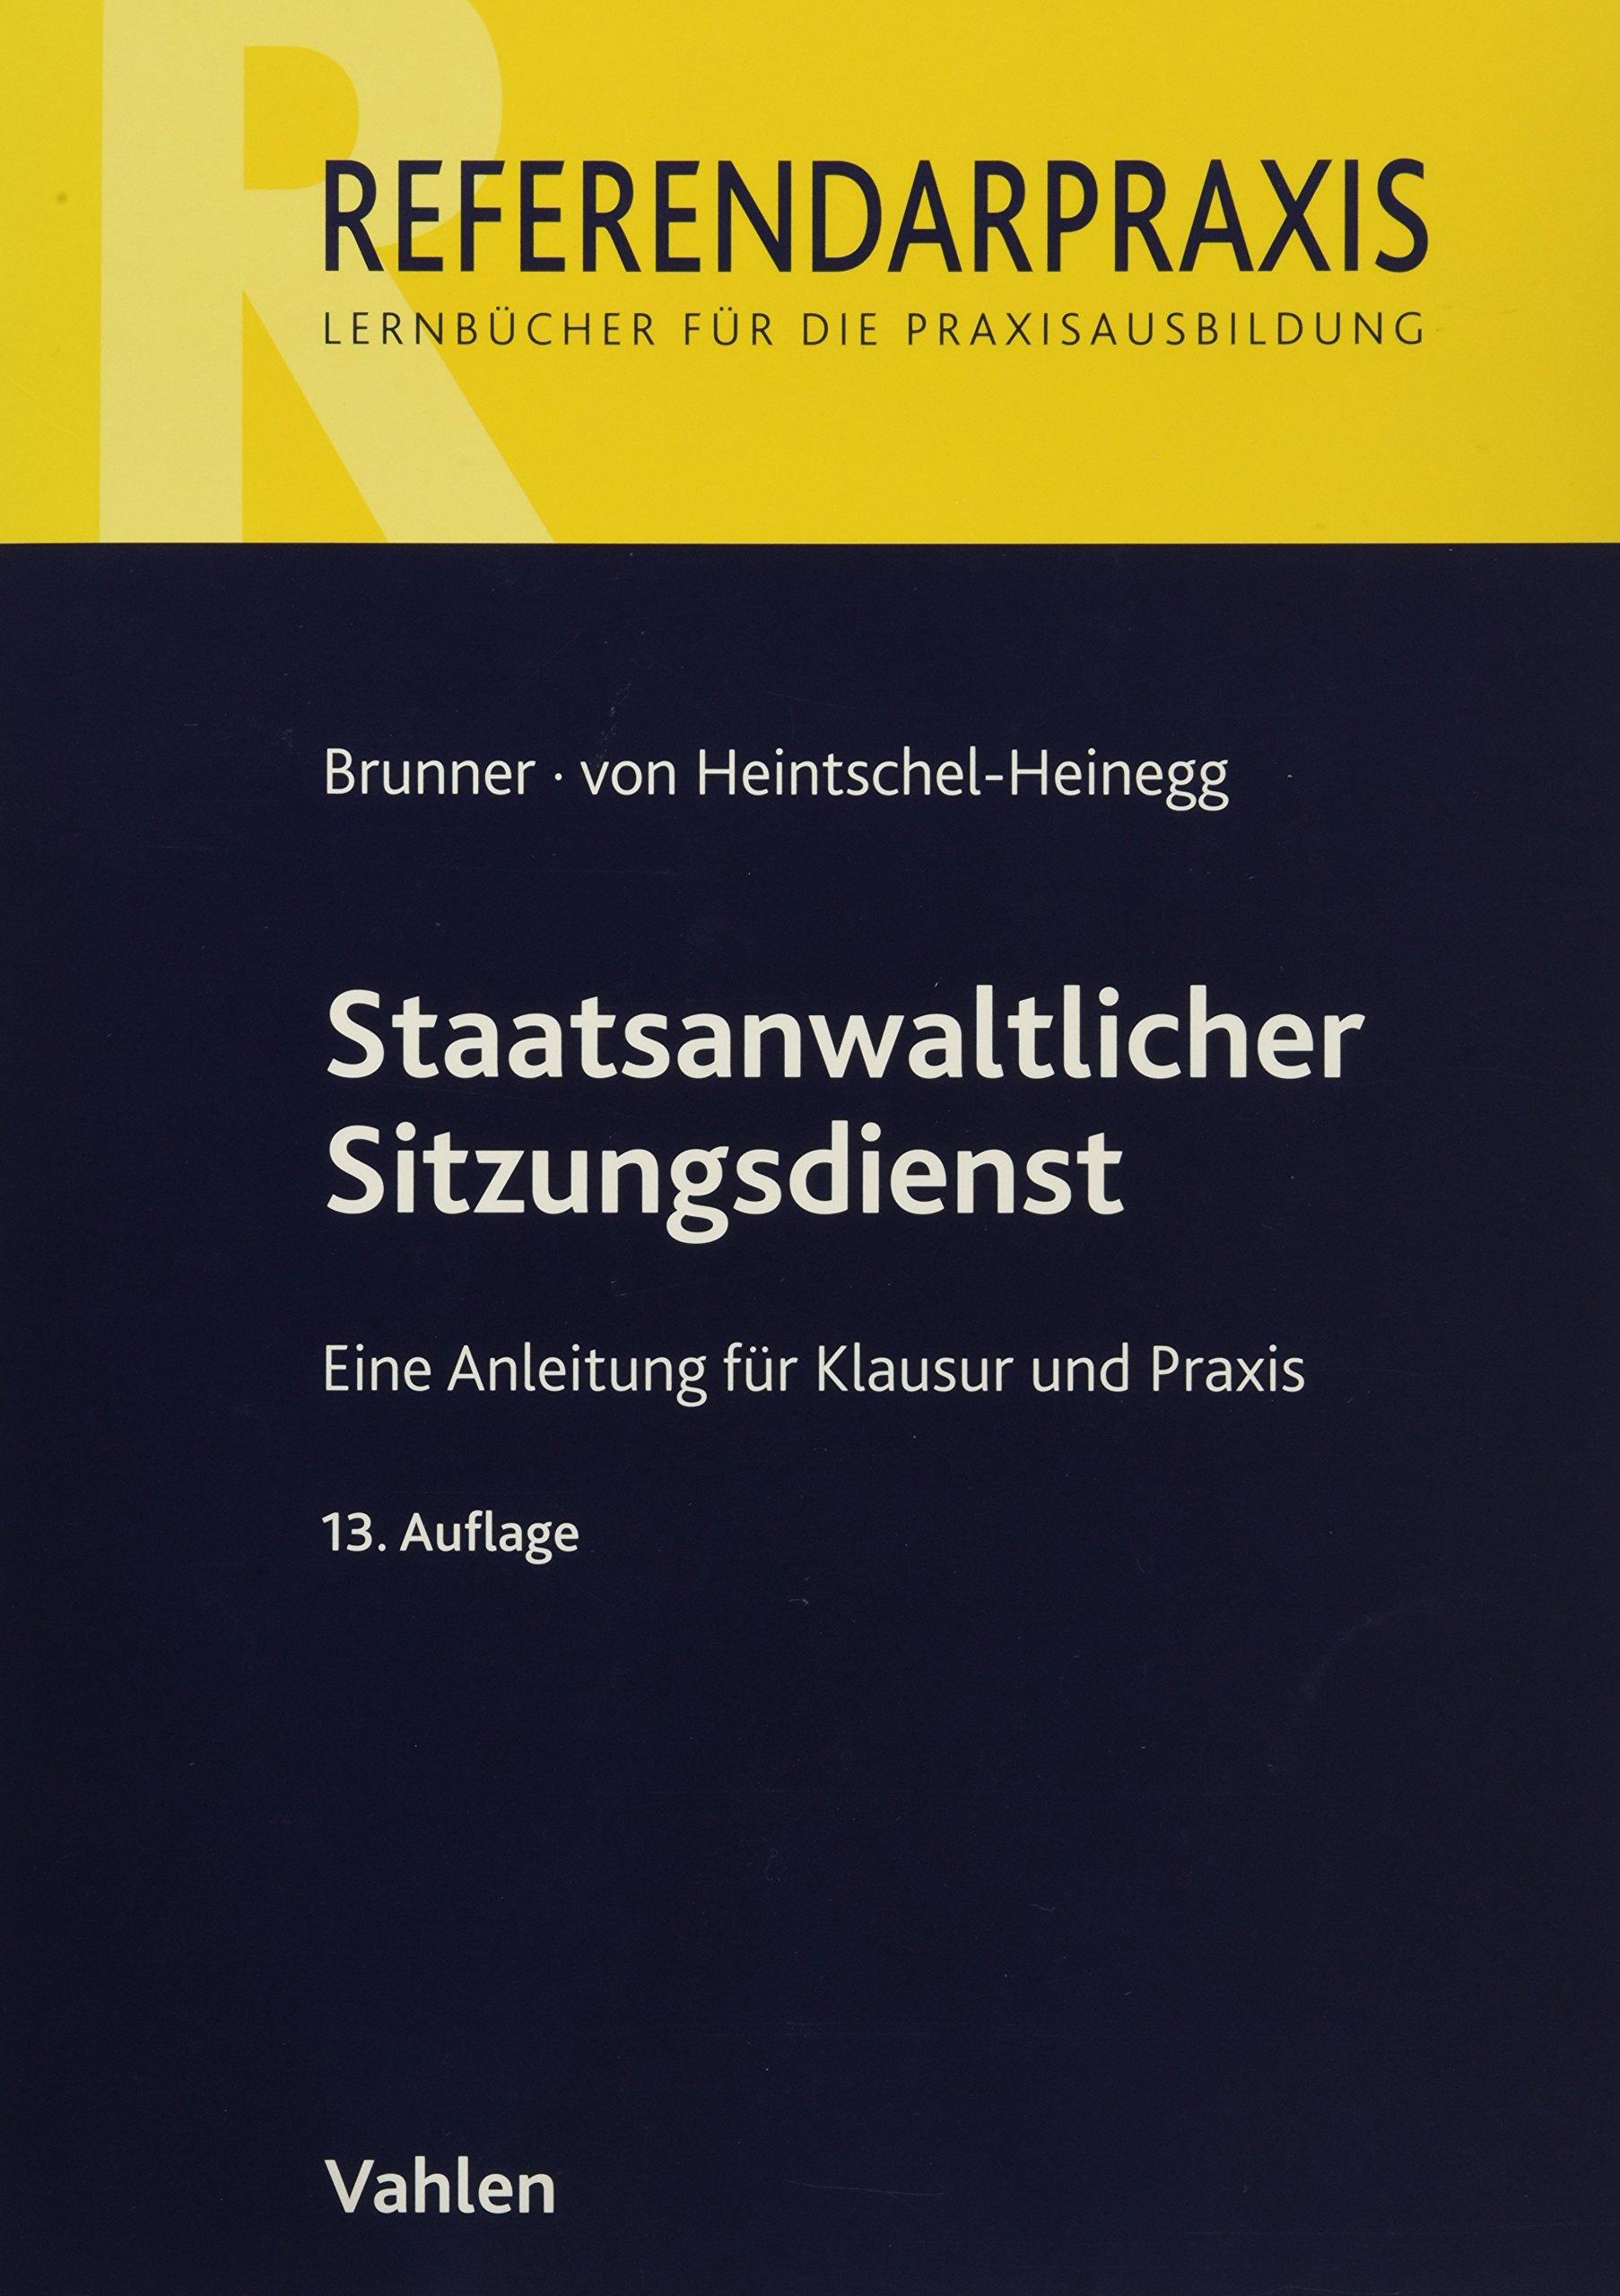 Staatsanwaltlicher Sitzungsdienst: Eine Anleitung für Klausur und Praxis Taschenbuch – 25. Juli 2011 Raimund Brunner Bernd Heintschel-Heinegg Vahlen 3800638835